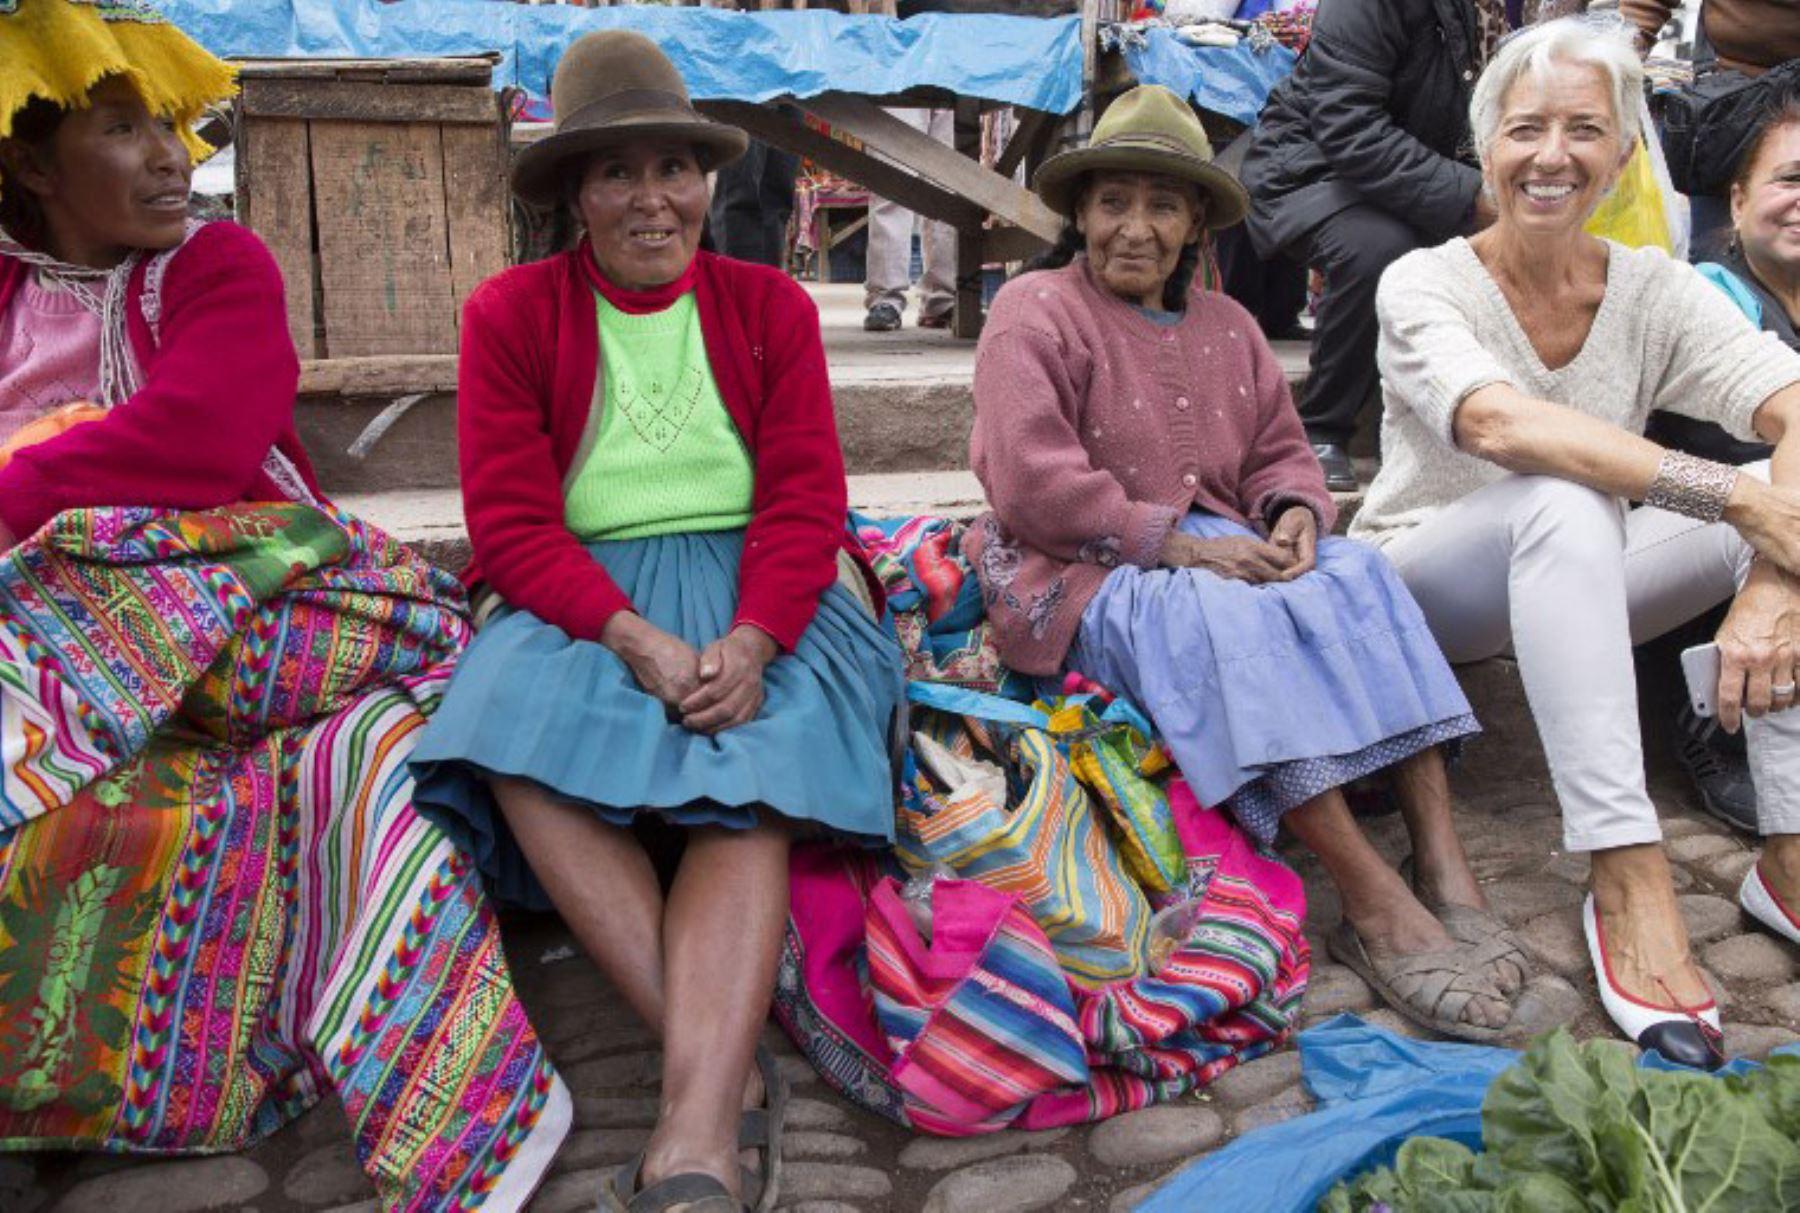 Las mejores zonas para conocer gente por internet en Cusco Ciudad de Peru ⇵